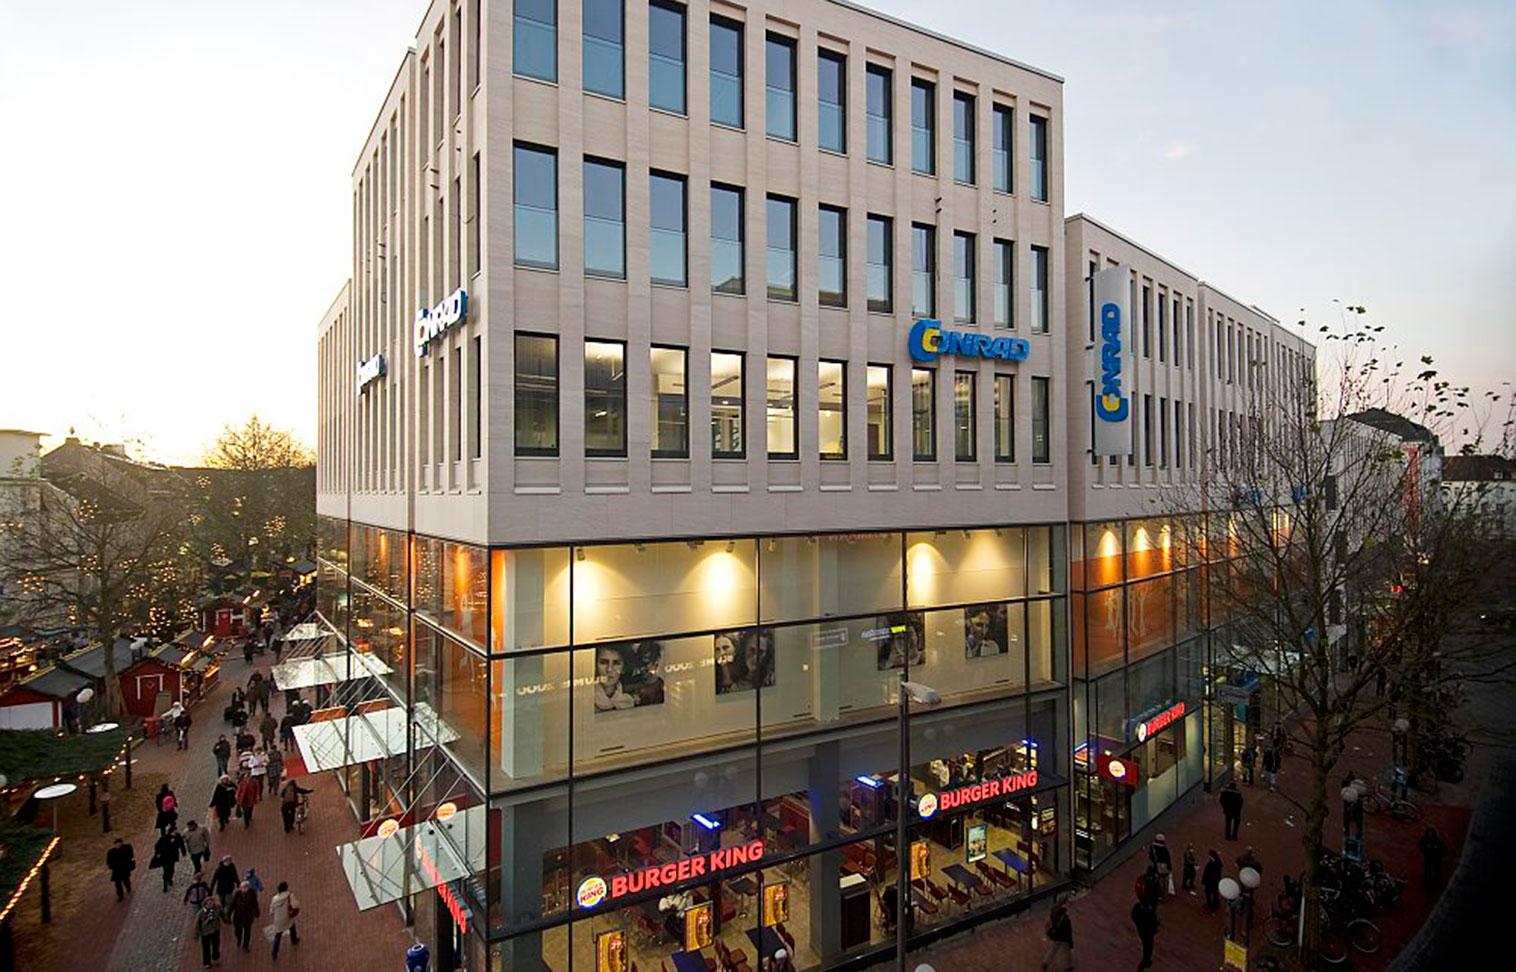 Ottenser Marktplatz 10 22765 Hamburg